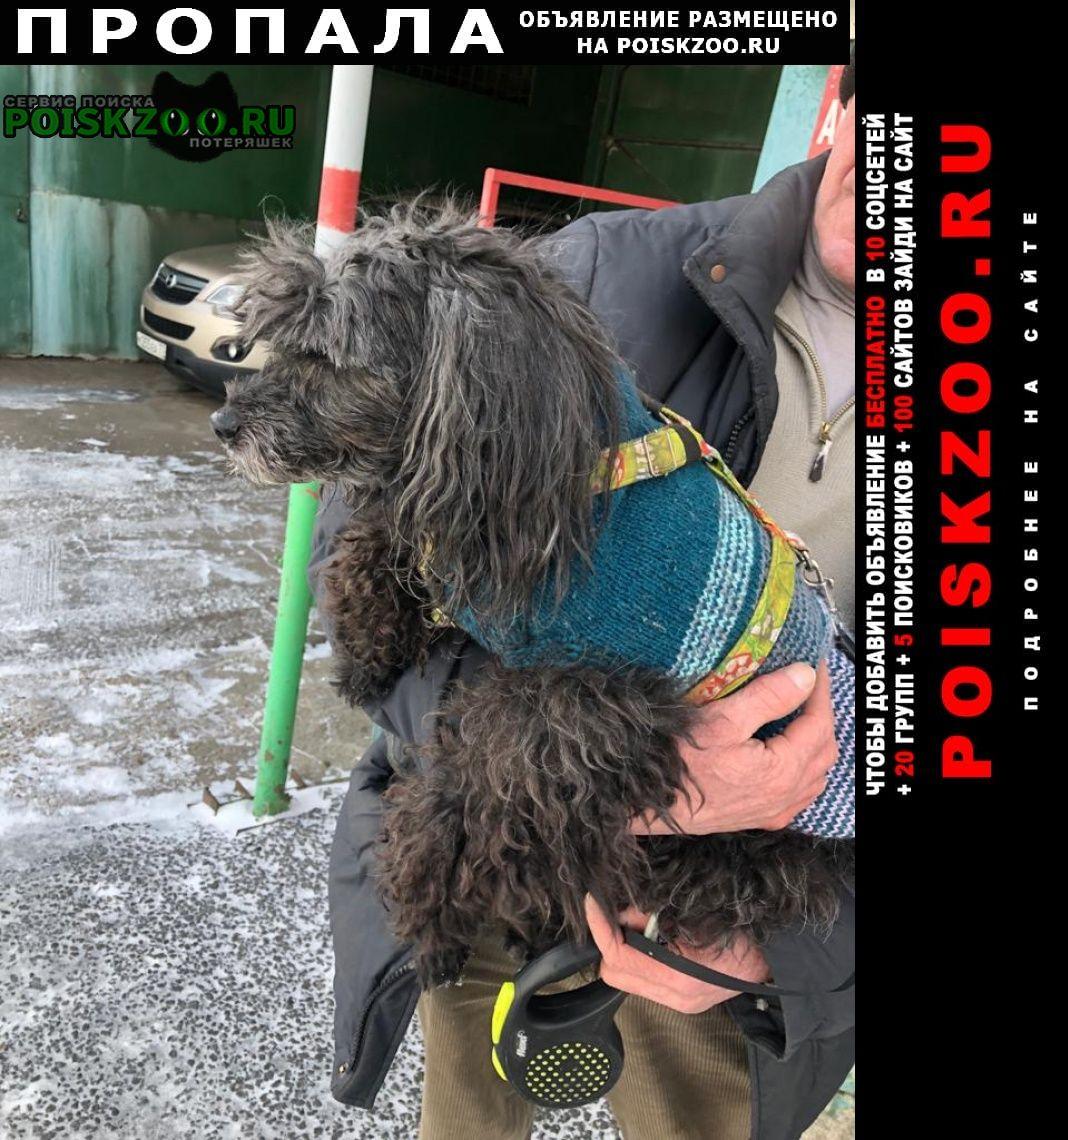 Реутов Пропала собака ул. ская, в мгса, рядом с 15-ой бо